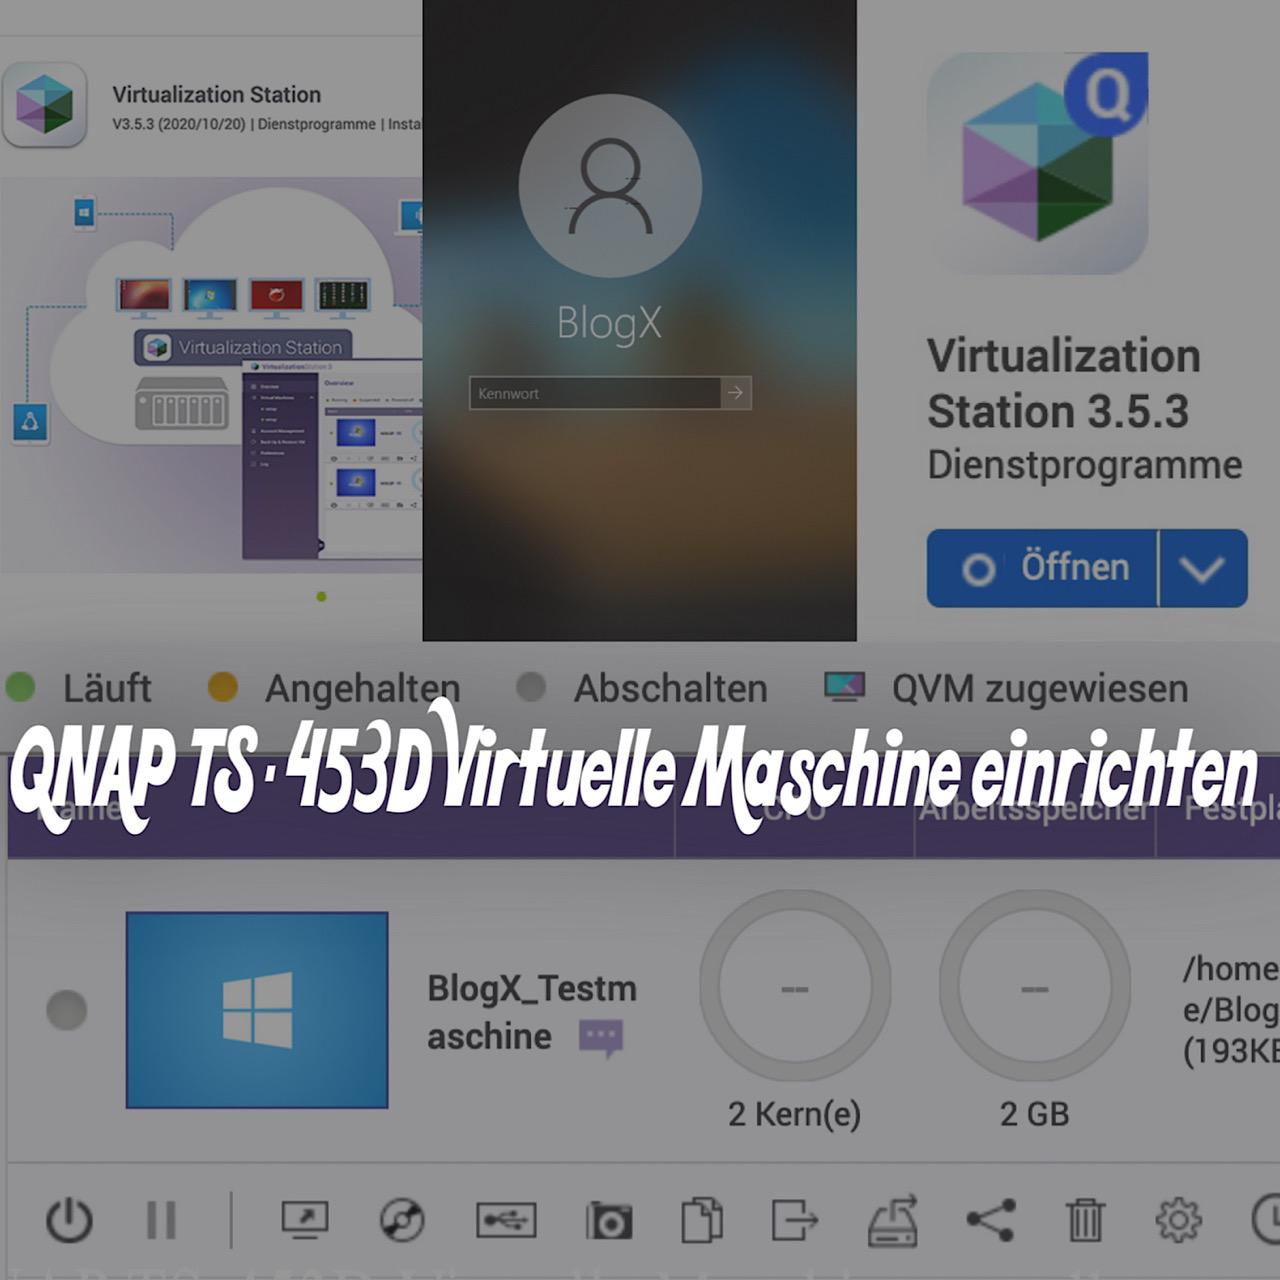 QNAP TS-453D Virtuelle Maschine einrichten